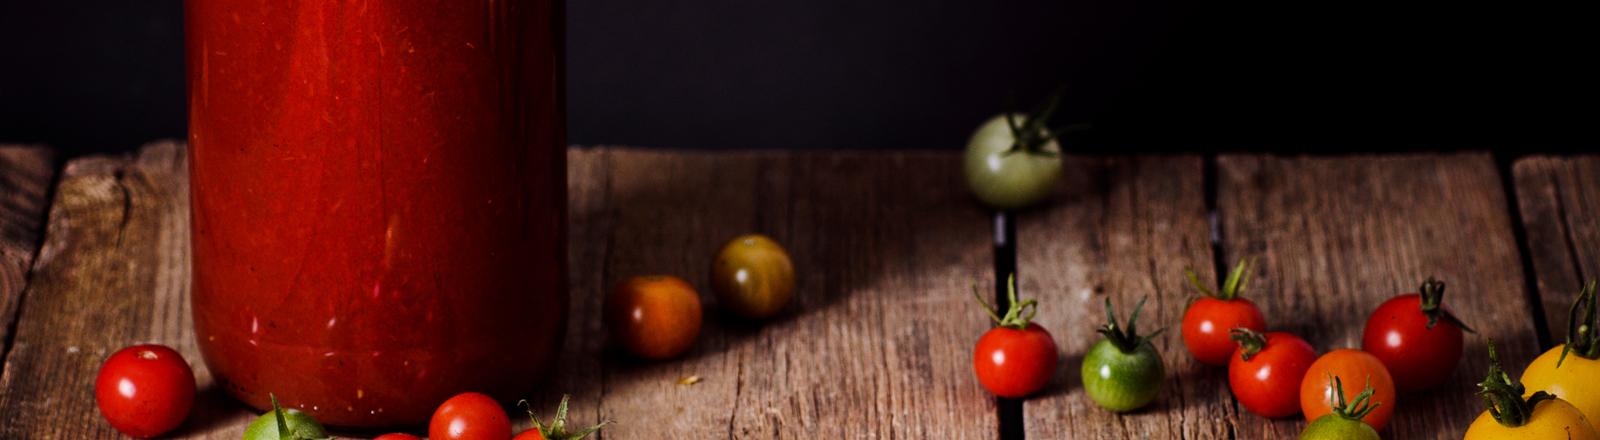 Eine Flasche Ketchup und einige Tomaten